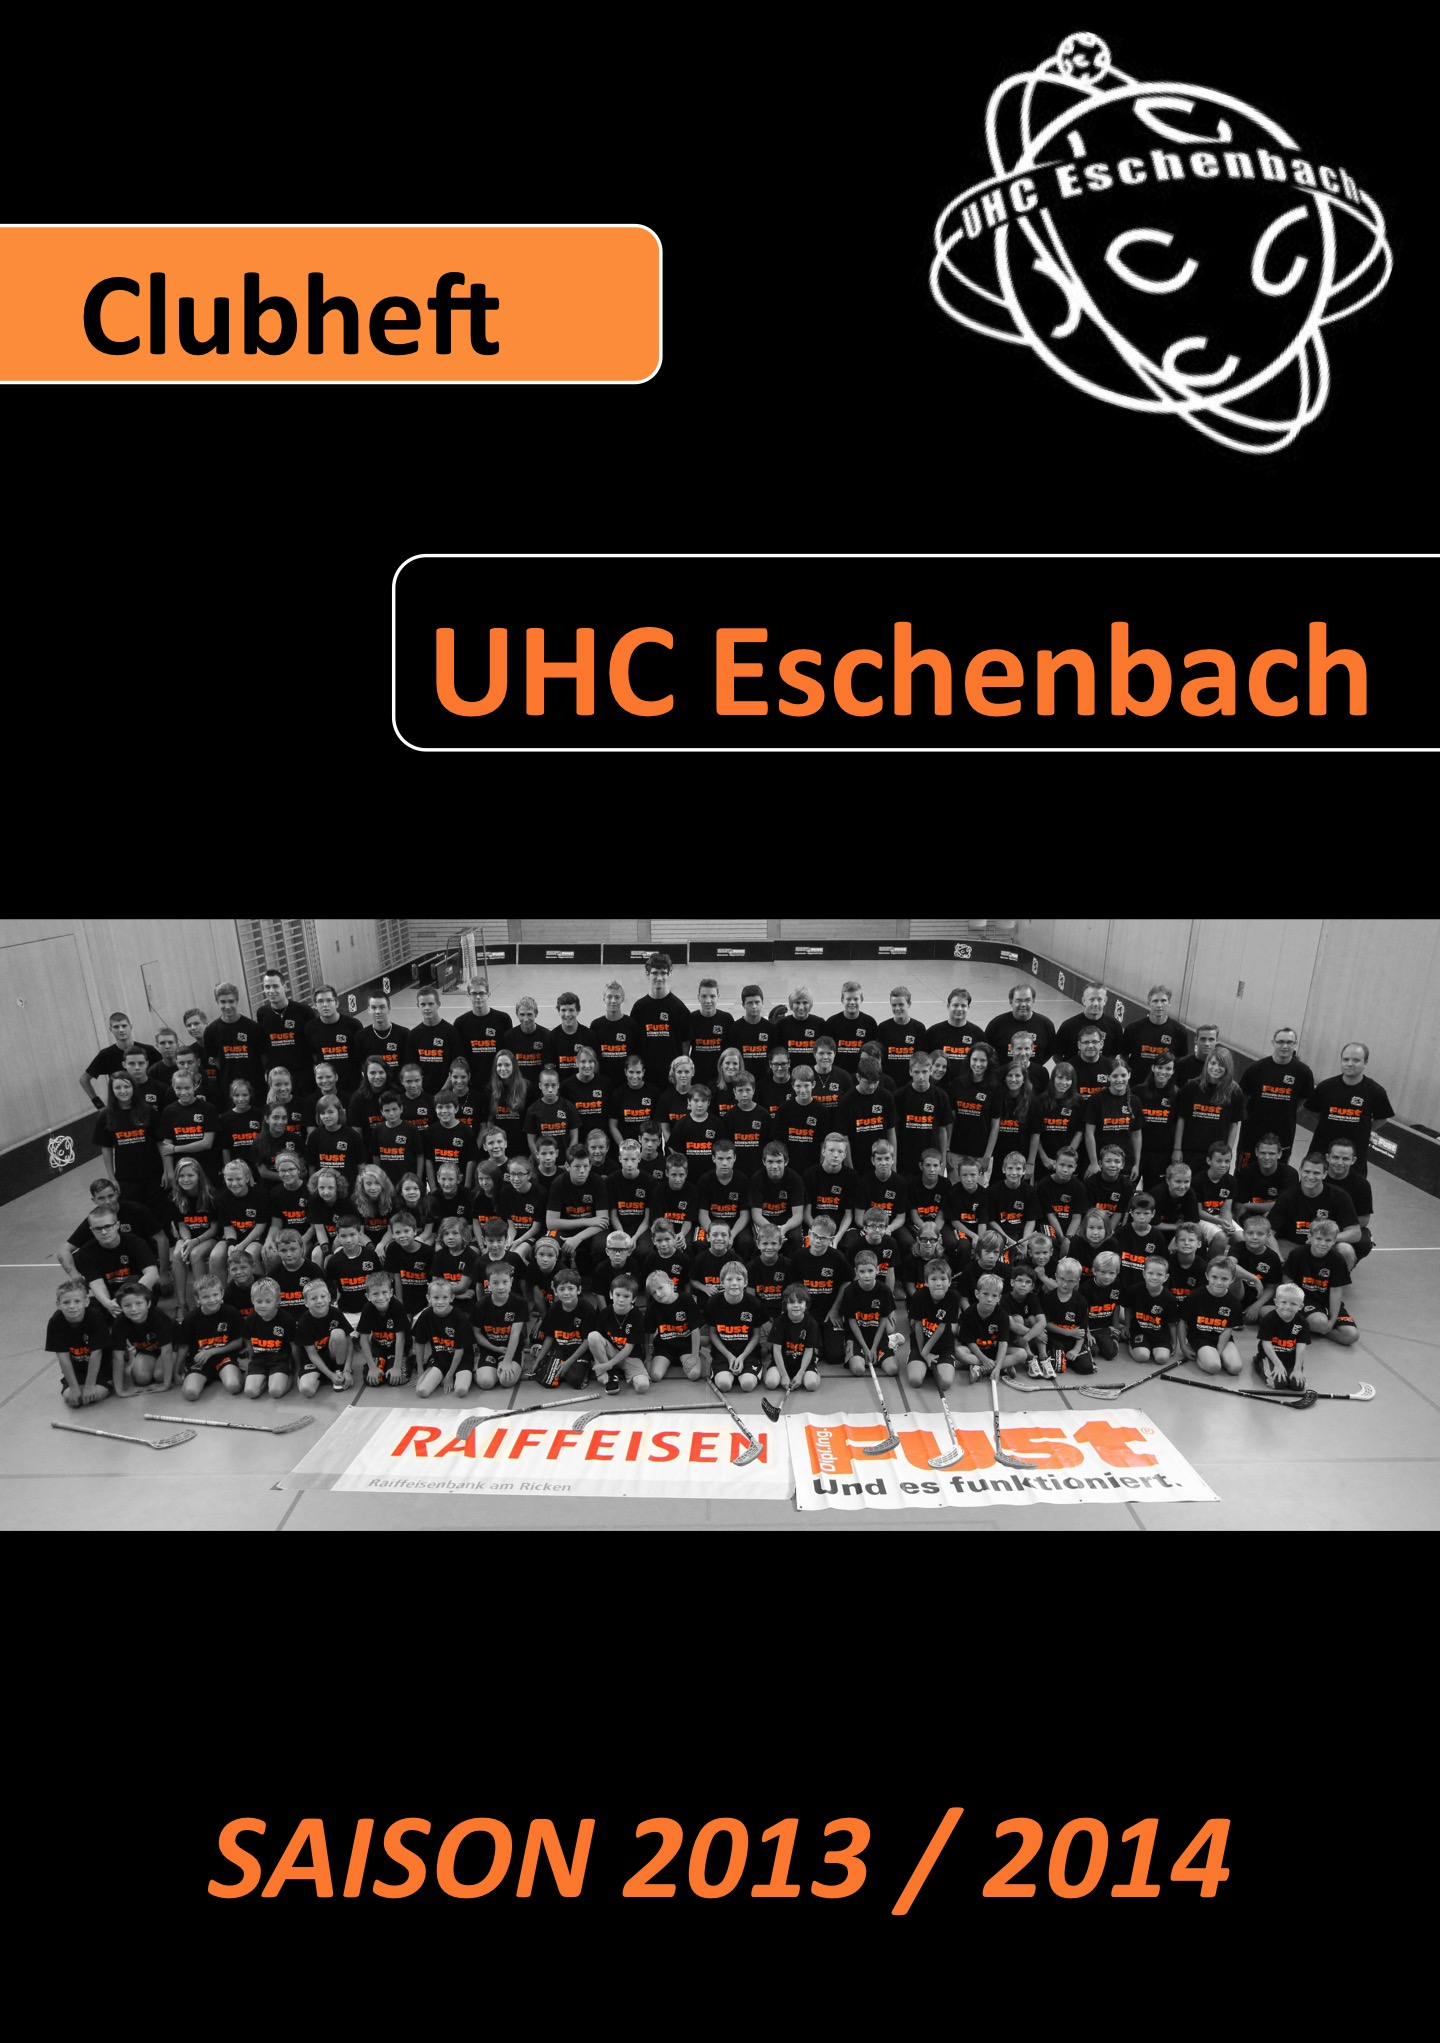 Clubheft Saison 2013/2014